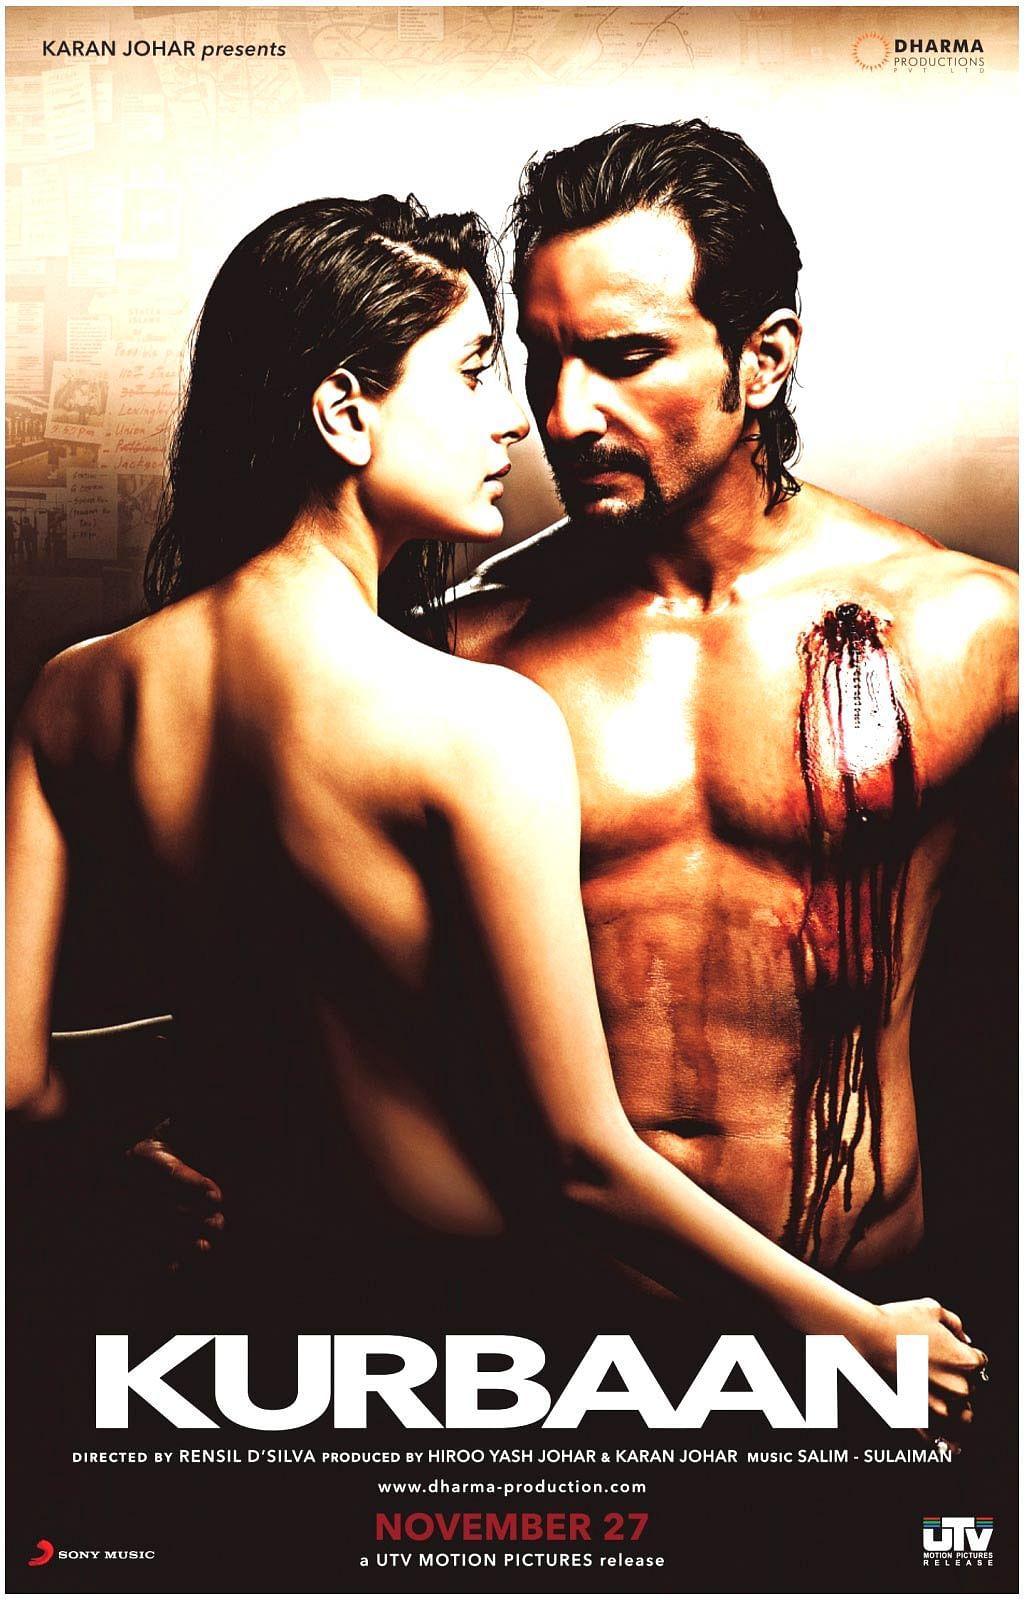 The official poster of Rensil D'Silva's <i>Kurbaan. </i>(Photo Courtesy: UTV Motion Pictures)